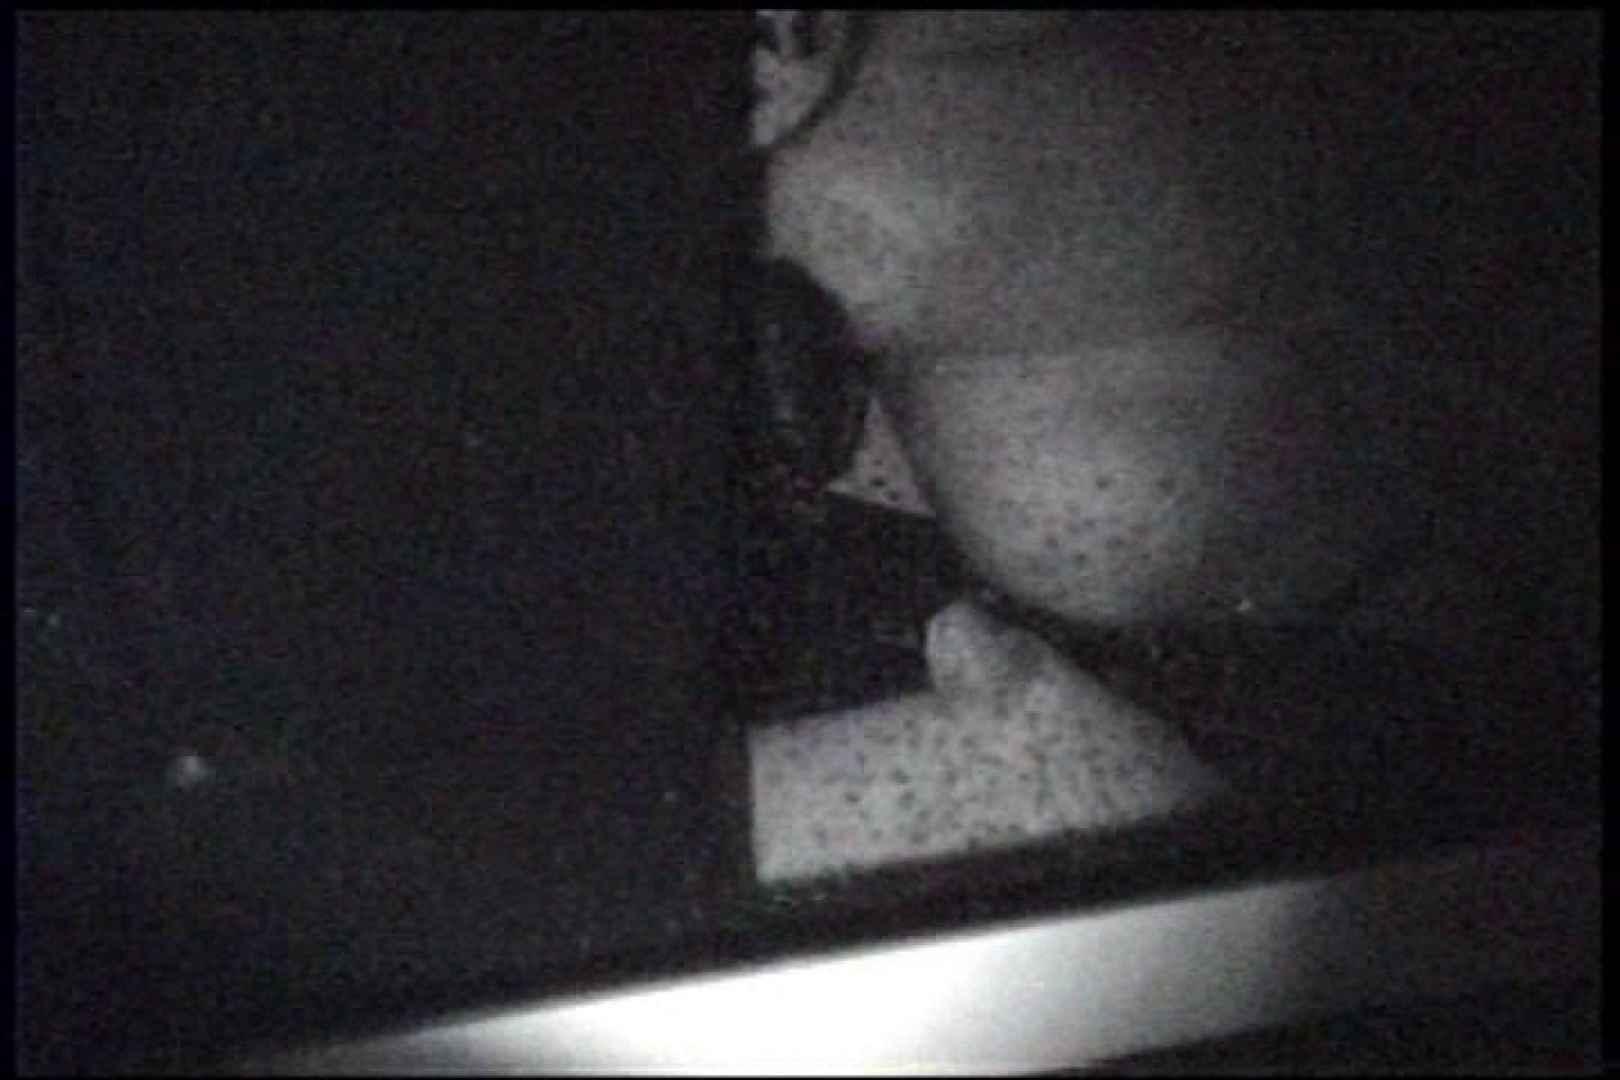 充血監督の深夜の運動会Vol.235 OLエロ画像 | 0  97PICs 31